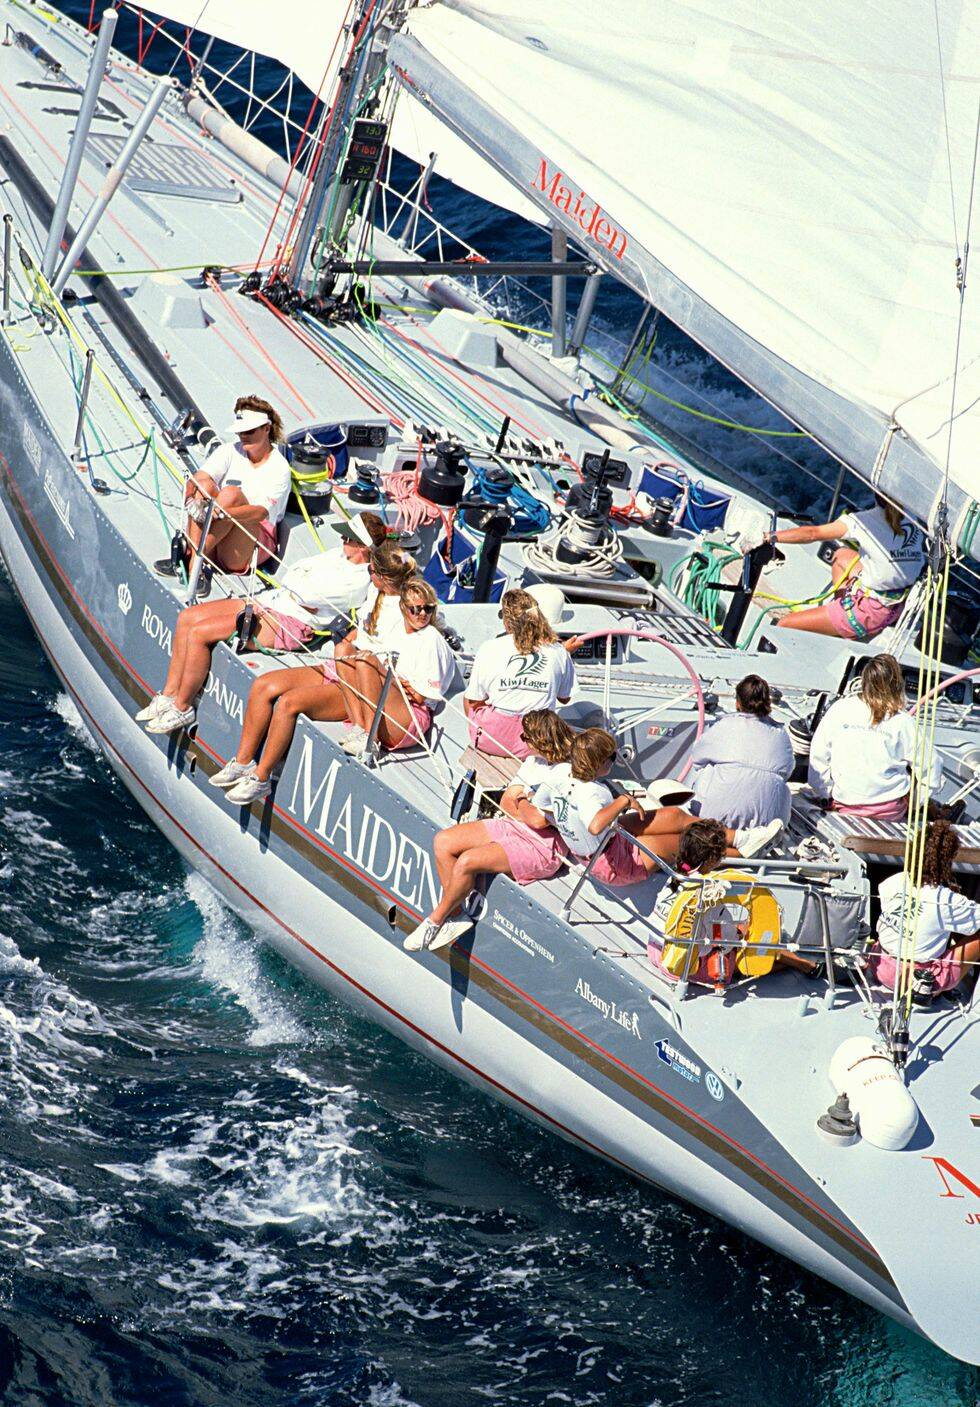 Klassiska Whitbread-båtar tävlar i Göteborg